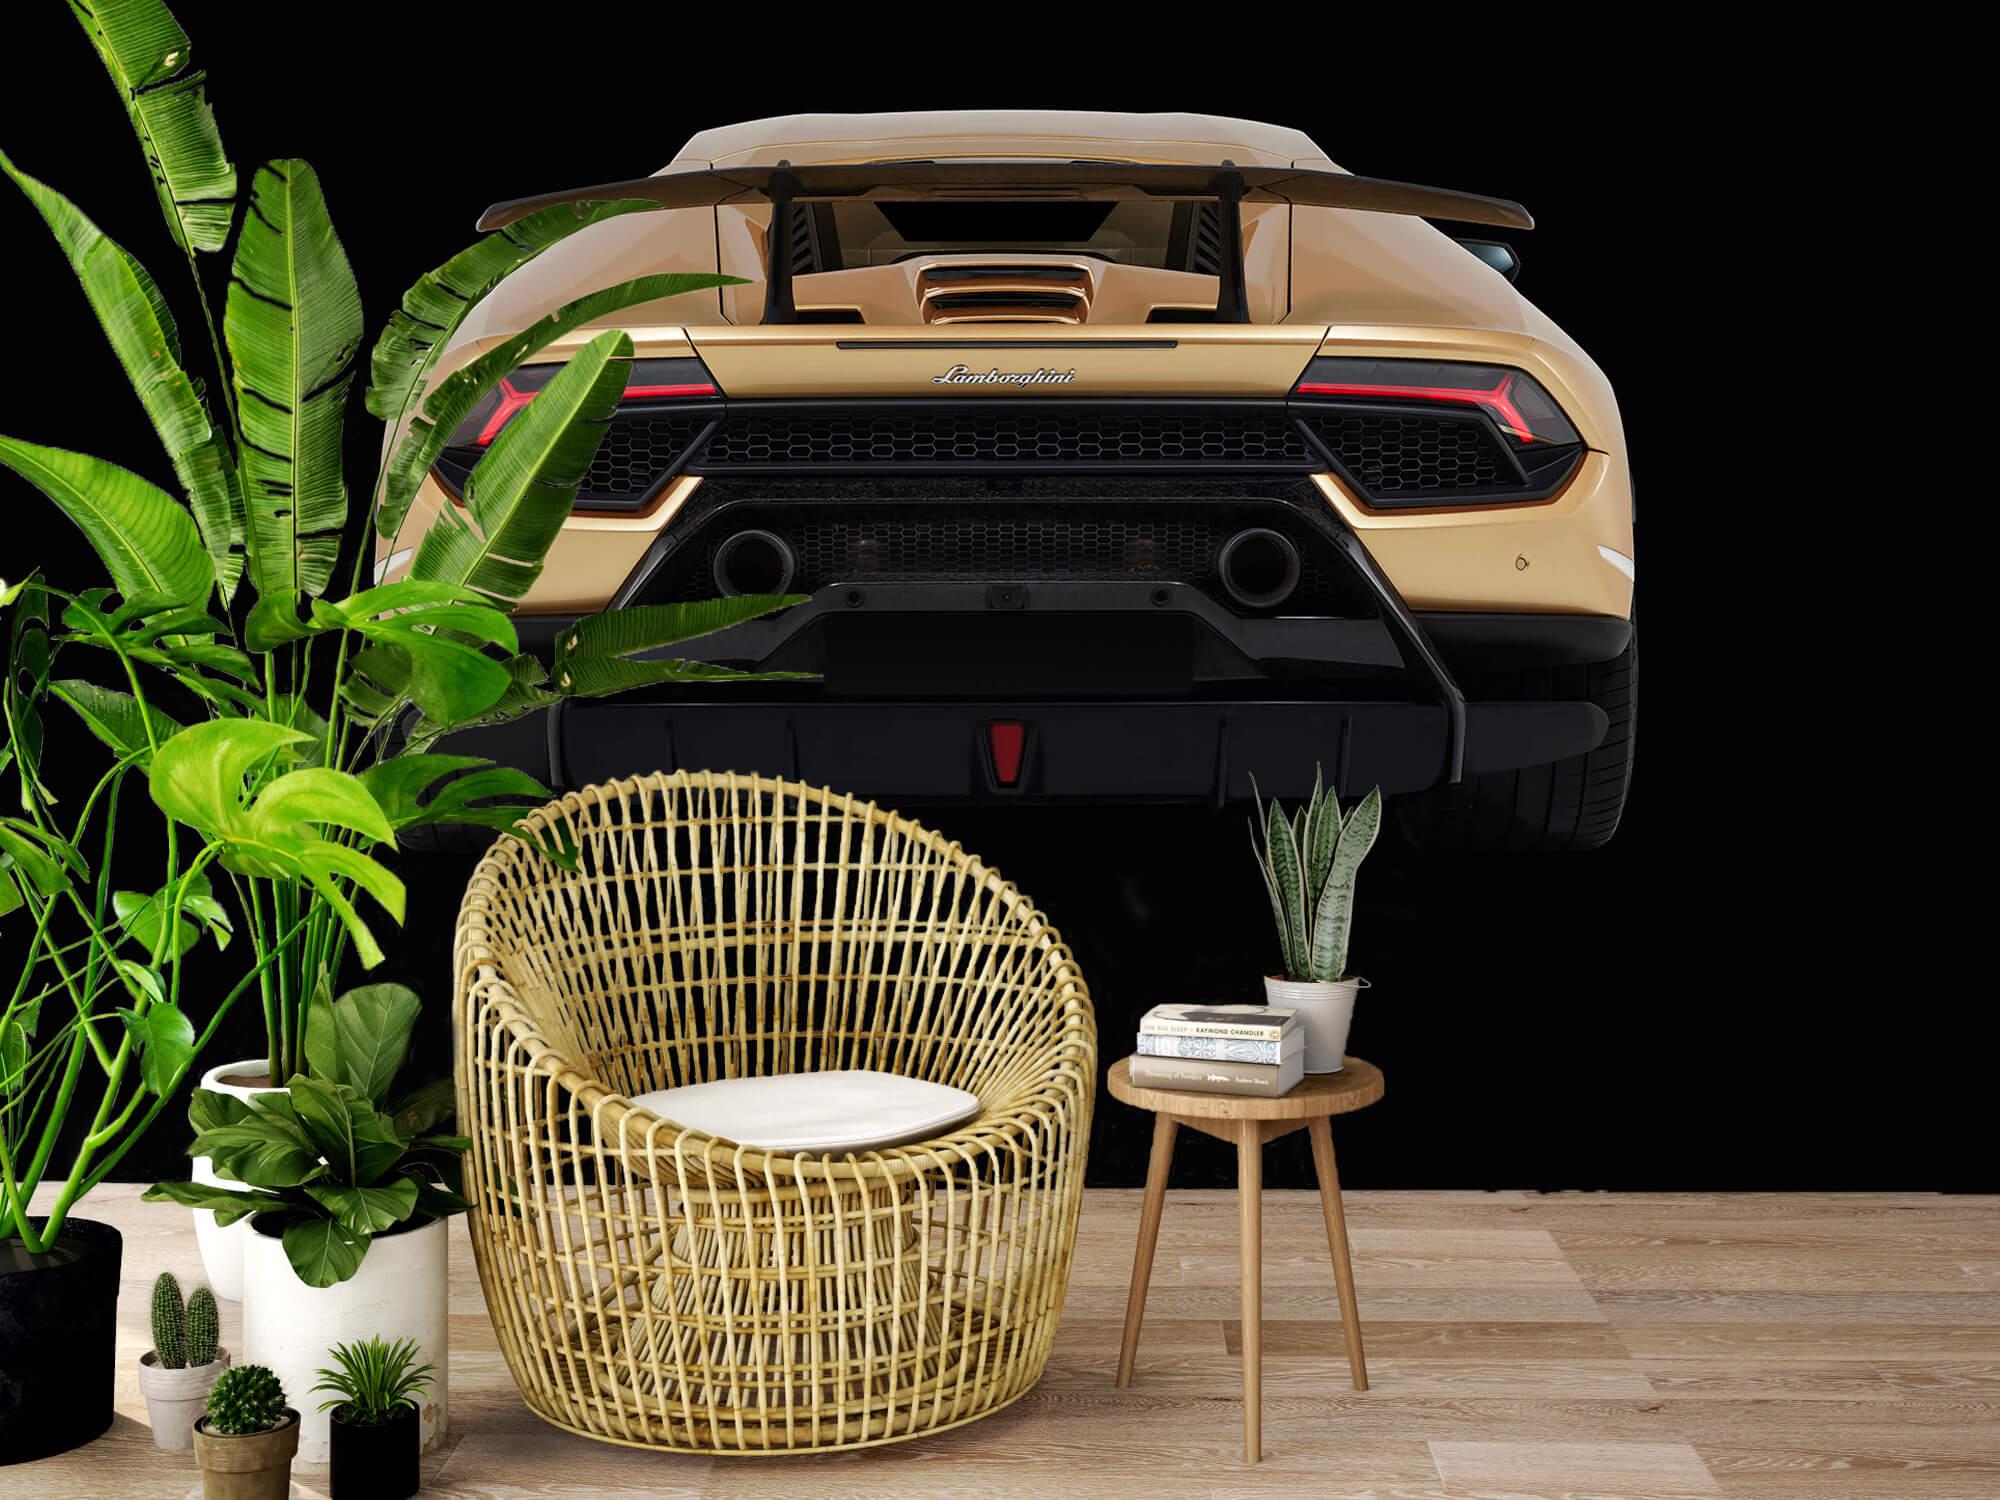 Wallpaper Lamborghini Huracán - Bak, svart 6